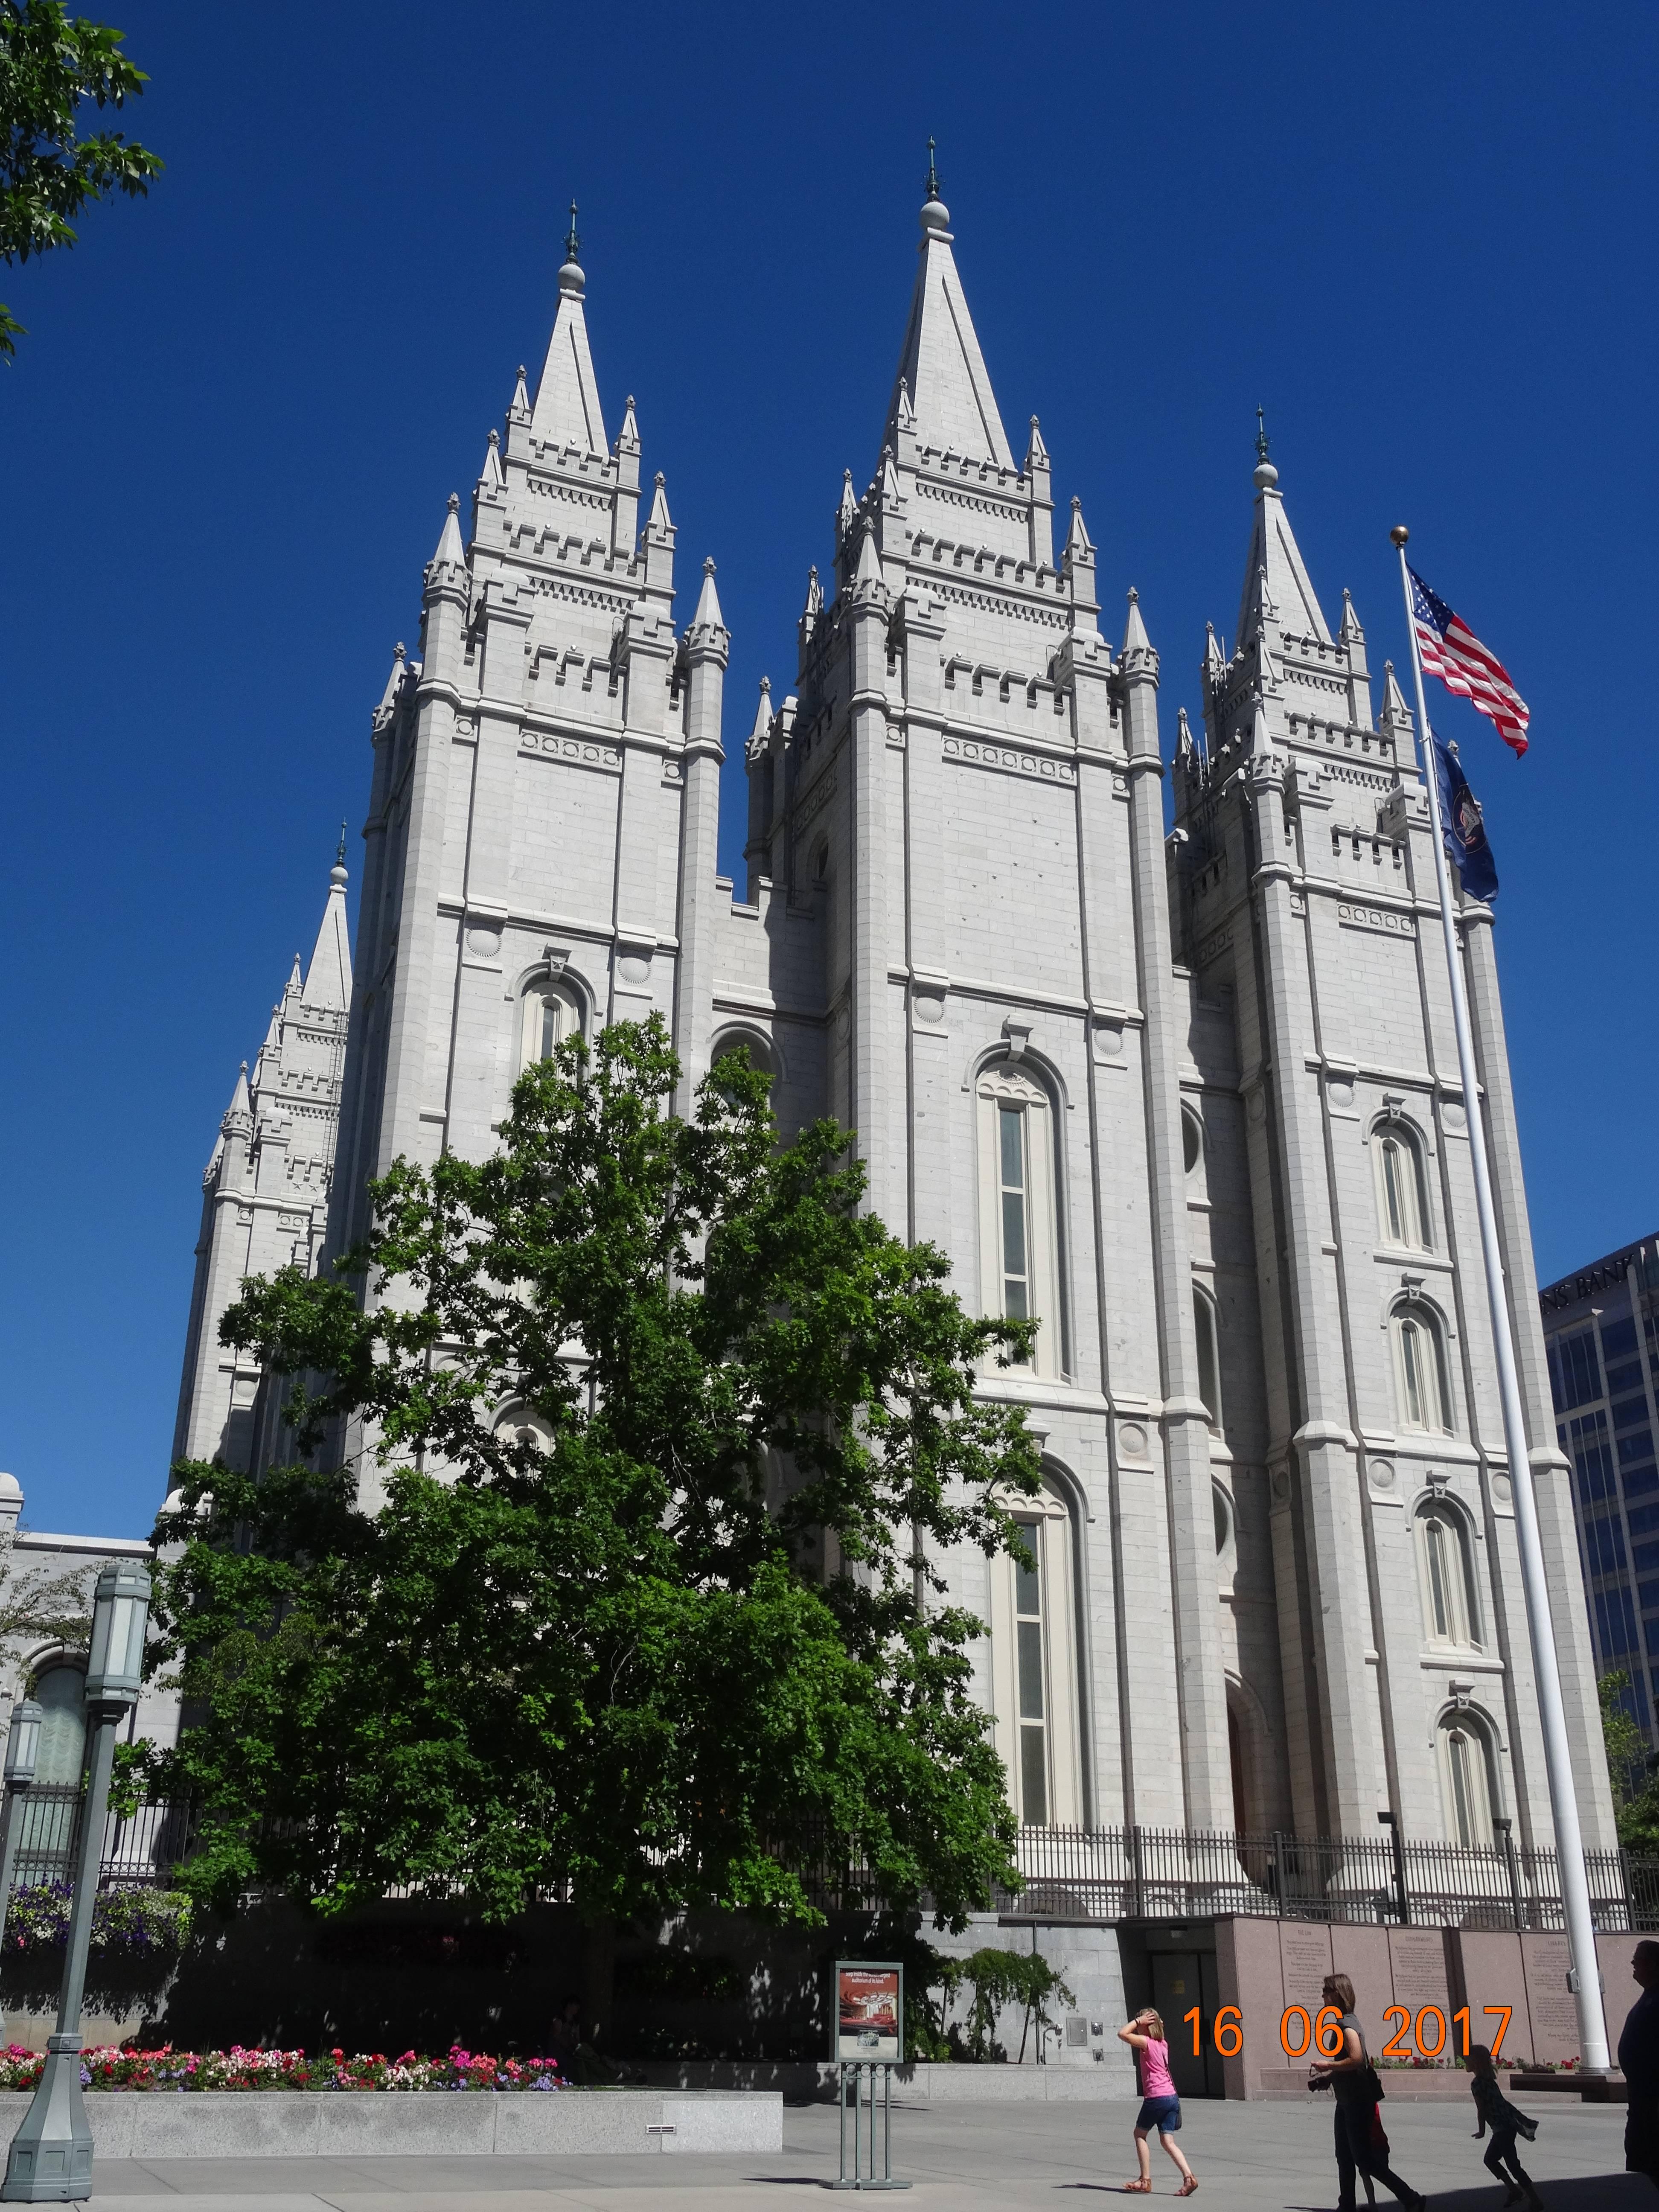 Photo 1: Salt Lake City, Utah, petite plongée chez les Mormons